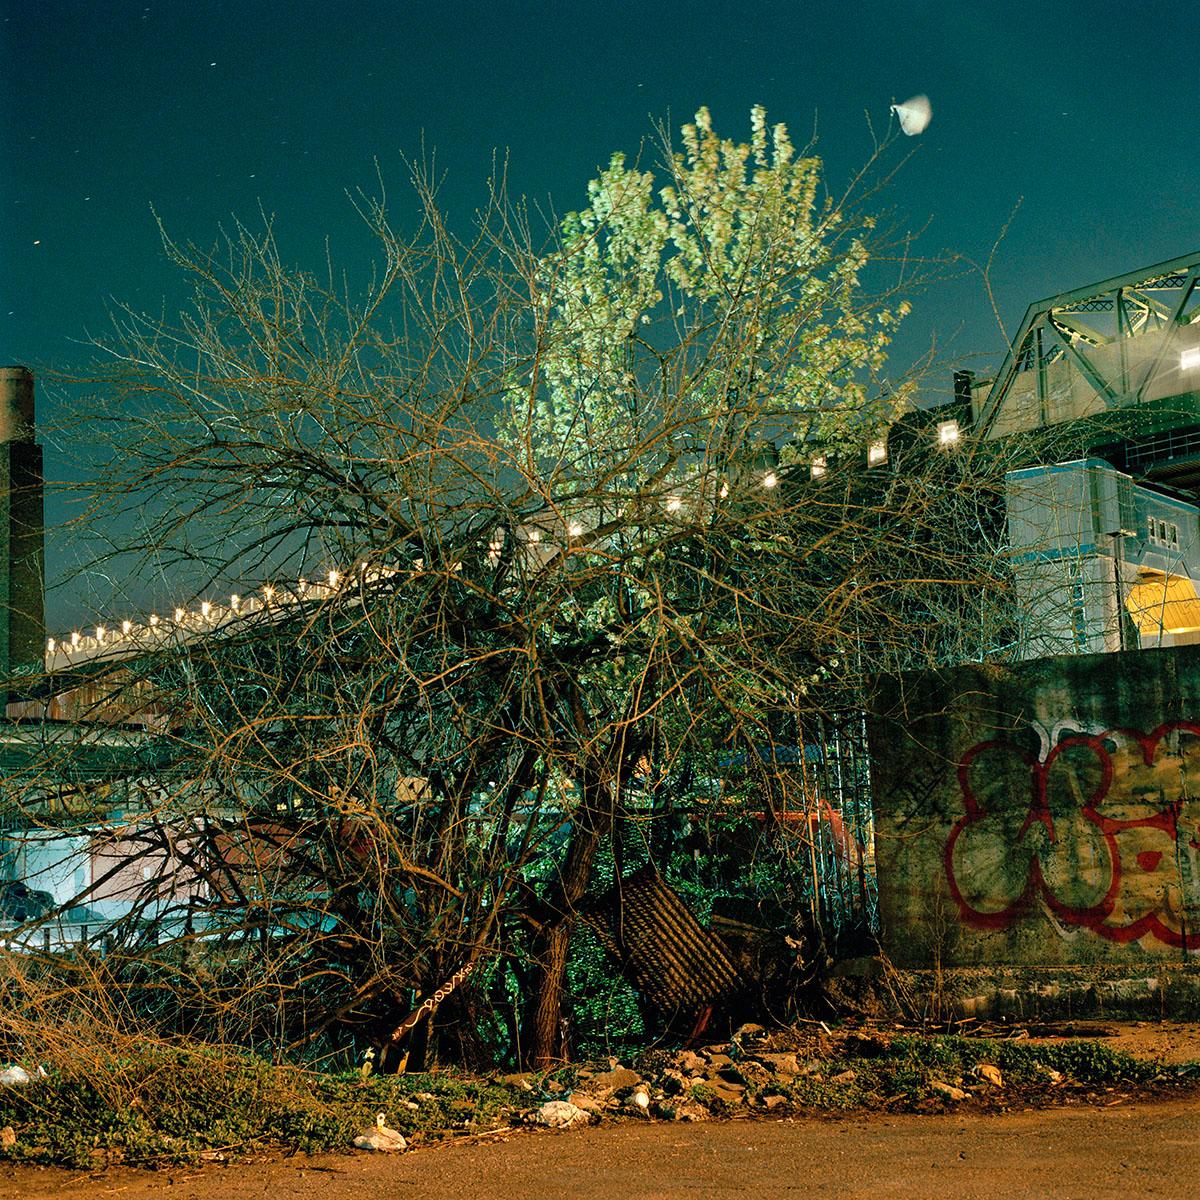 06_Gowanus_Wild_Spring_Tangle.jpg